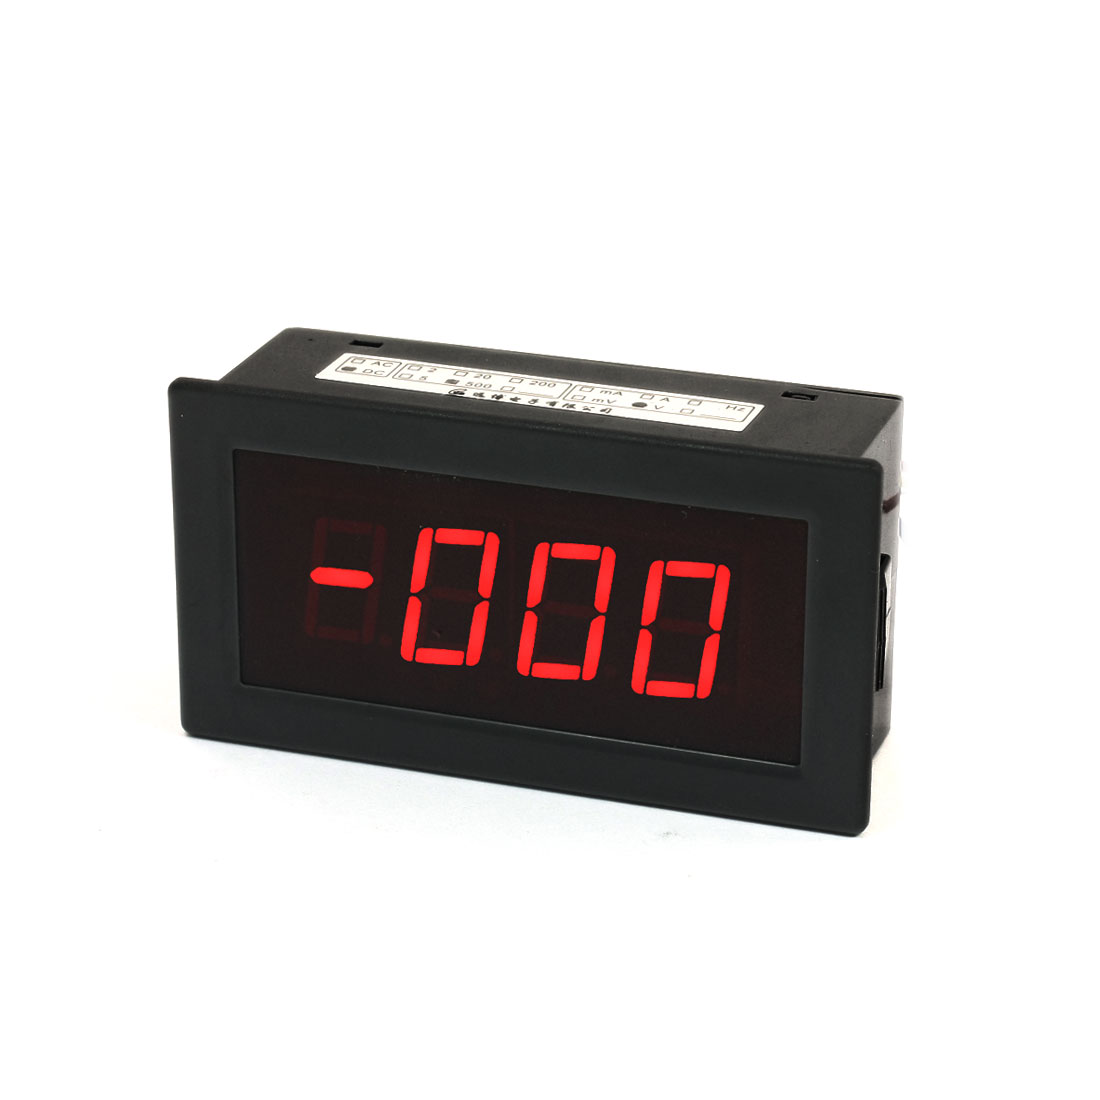 DC0-500V Red LED Display Voltmeter 3 1/2 Digital Panel Voltage Meter Gray